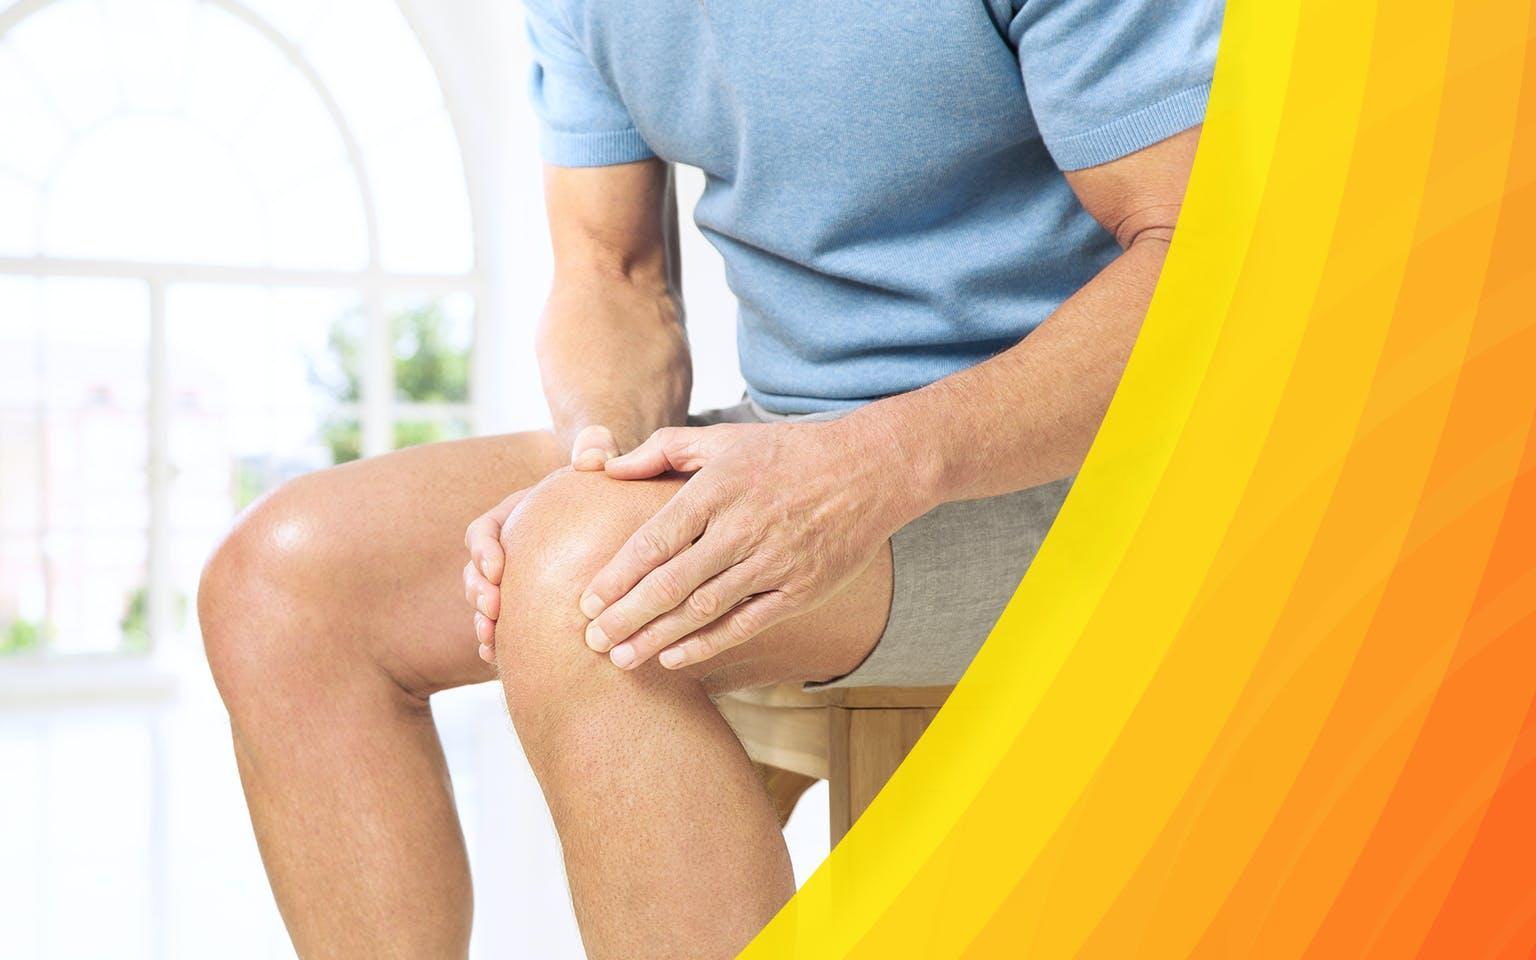 pirmoji pagalba į alkūnės sąnario artritas